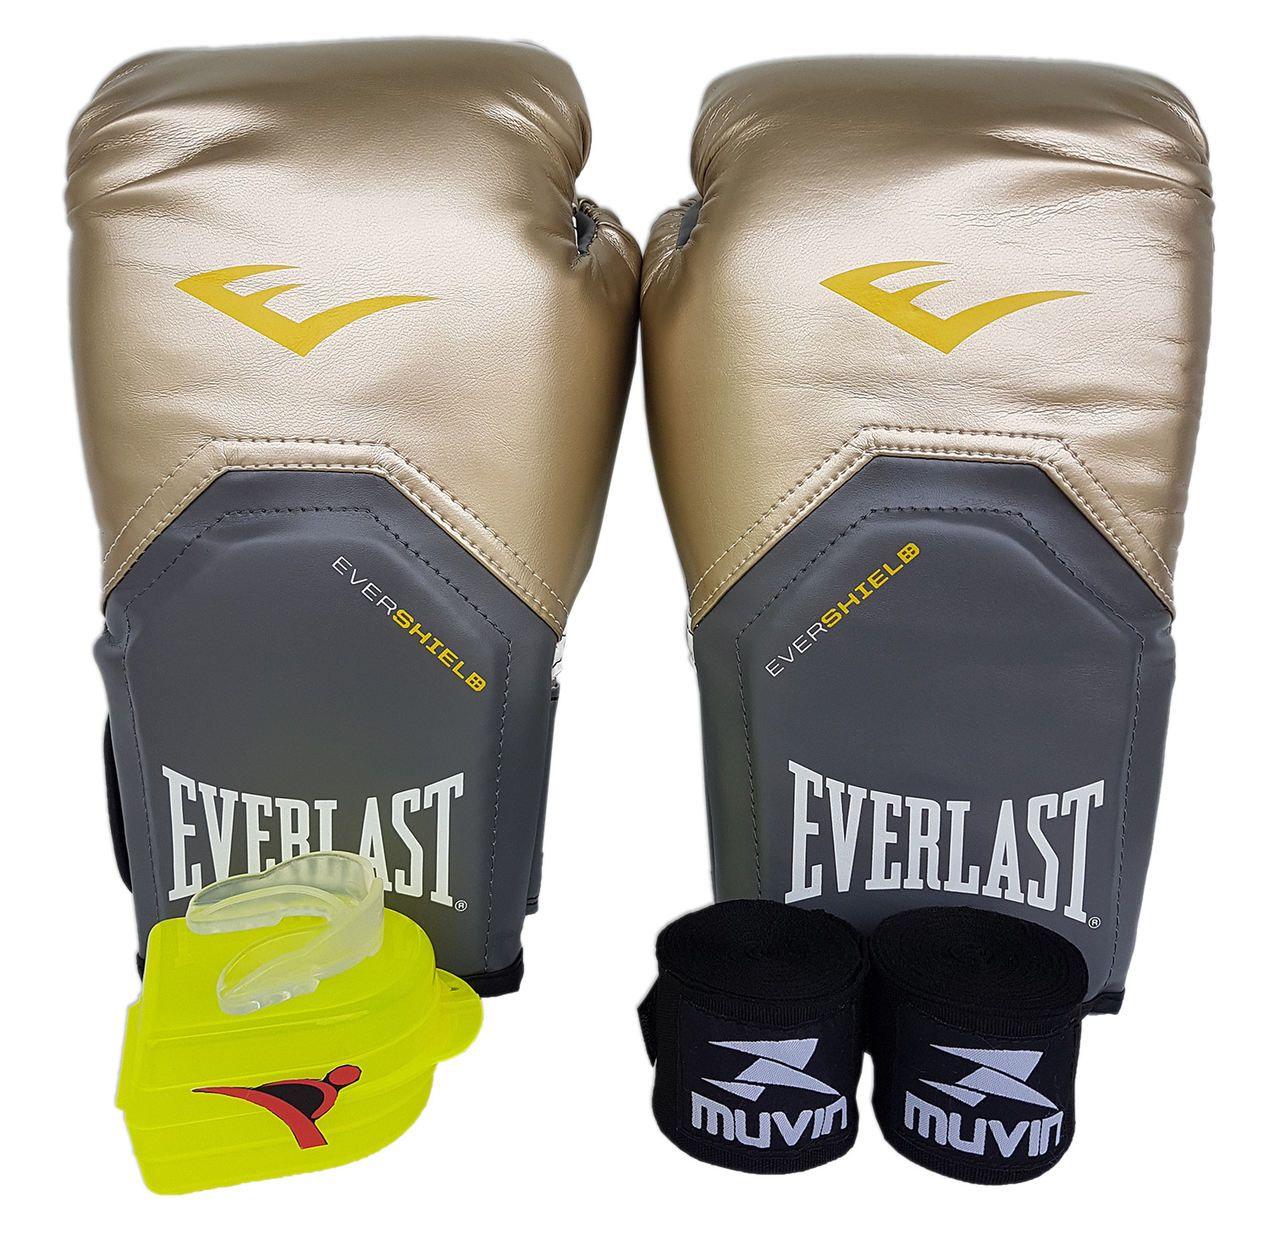 2a3a10d61 Kit de Boxe   Muay Thai 14oz - Dourado - Pro Style - Everlast - PRALUTA ...